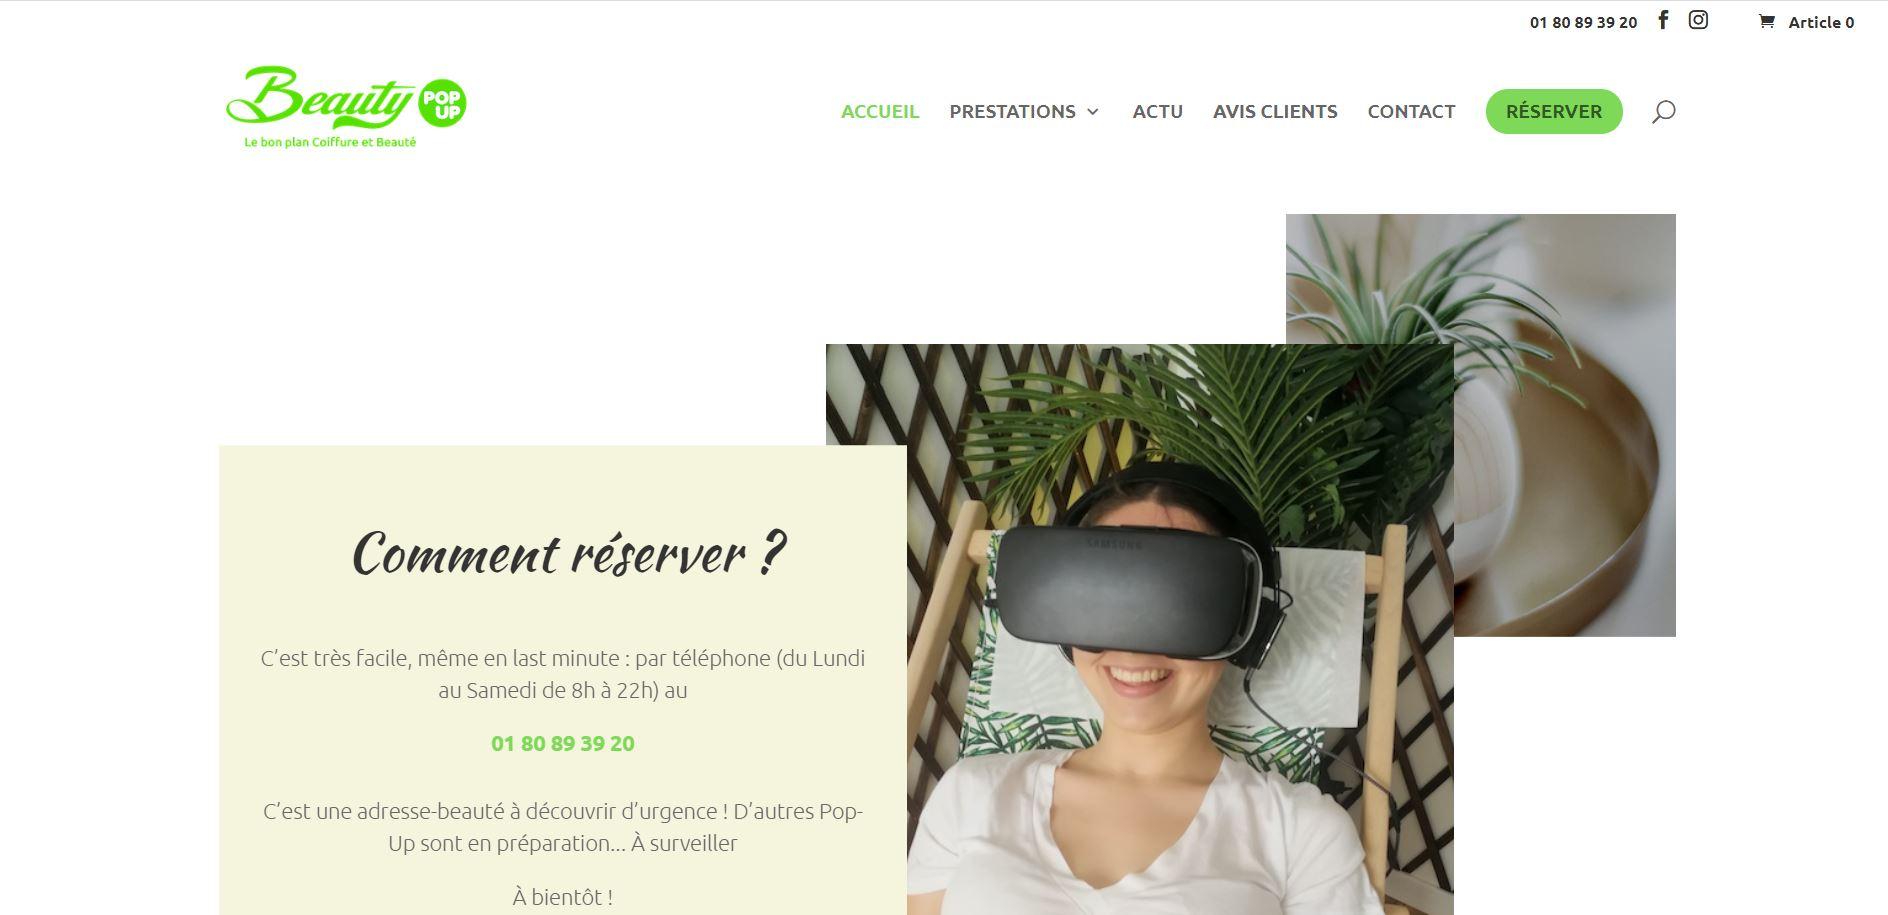 Création de site internet - Beauty Pop Up - Boulogne Billancourt